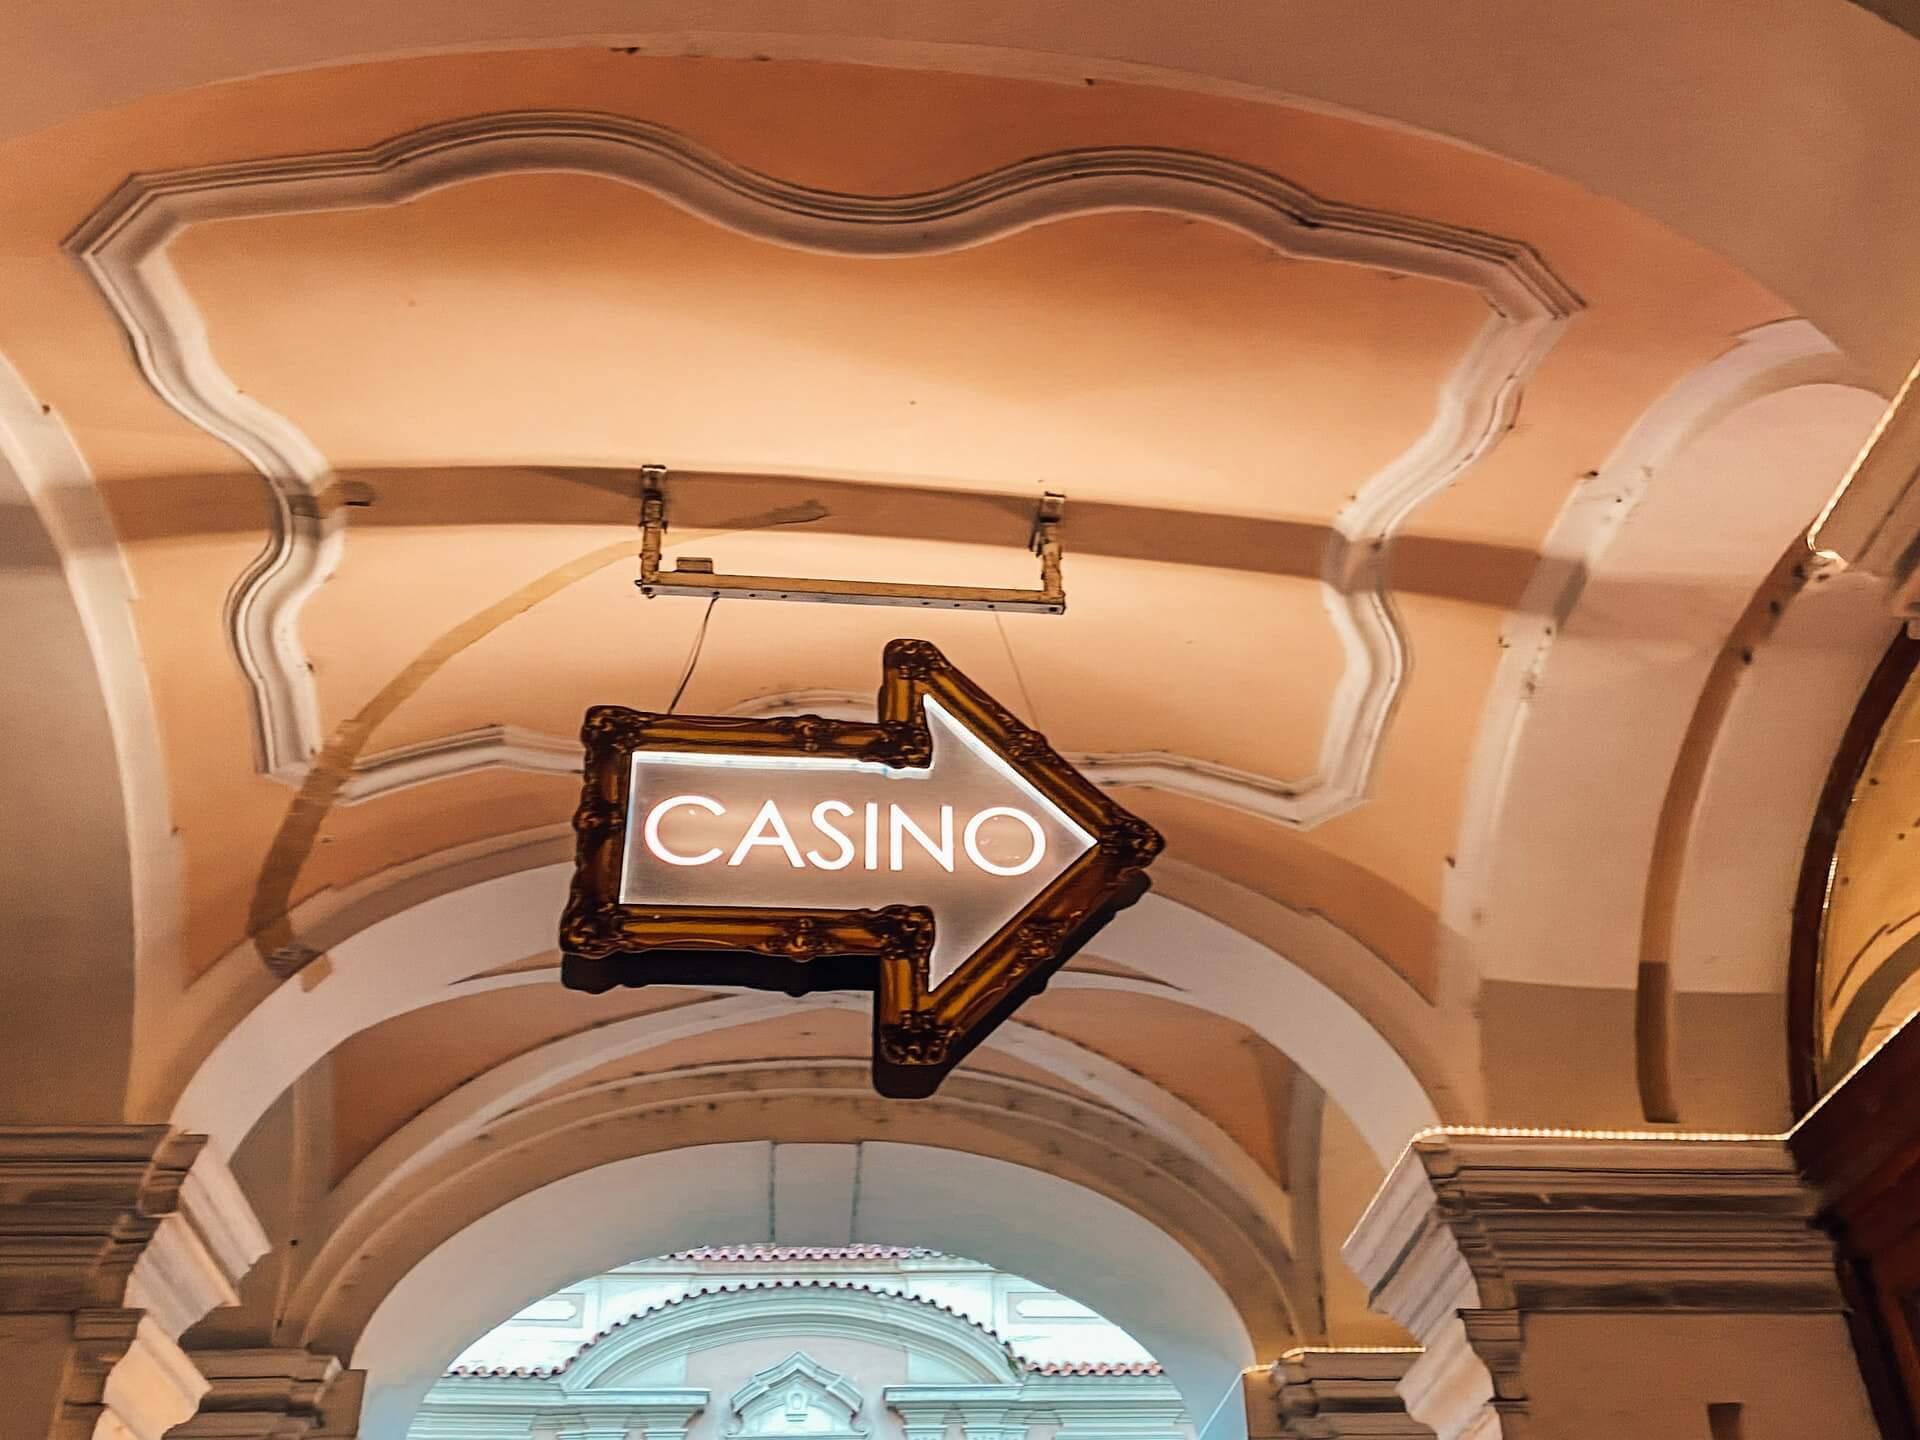 Ruf der online Casinos echte Erfahrungen